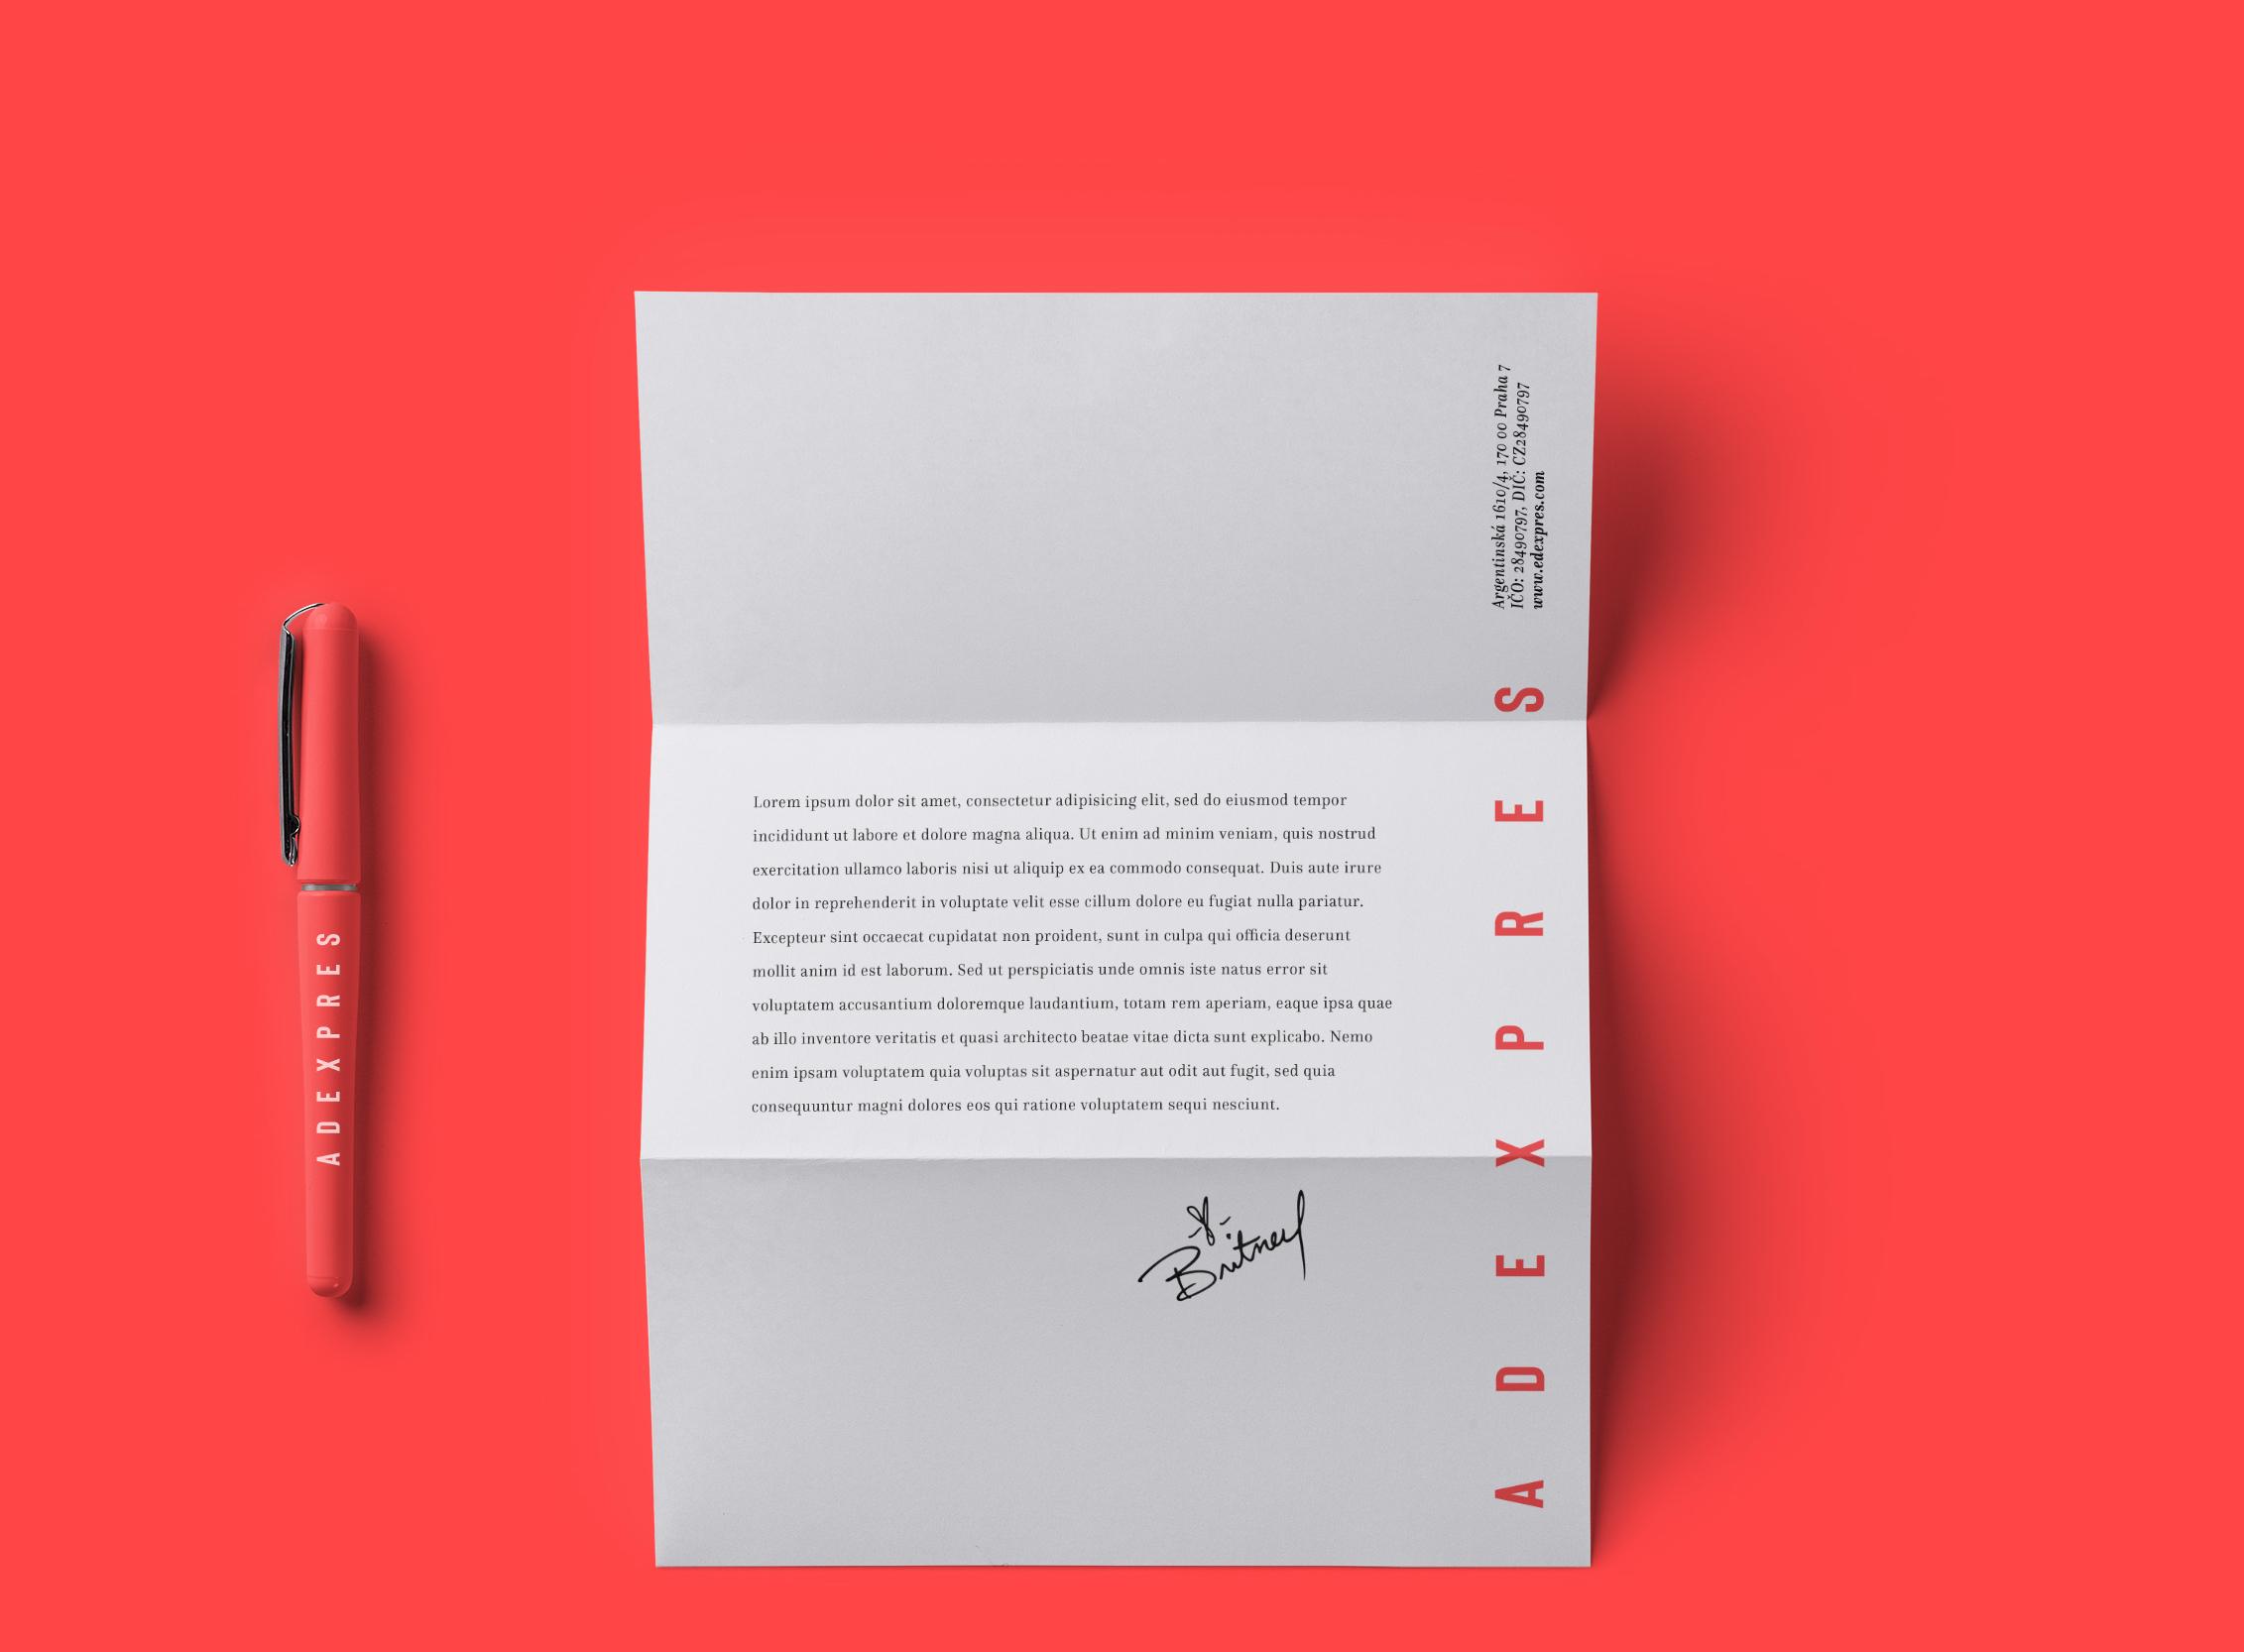 Nová vizuální identita agentury Adexpres na dopisním papíře, zdroj: Adexpres